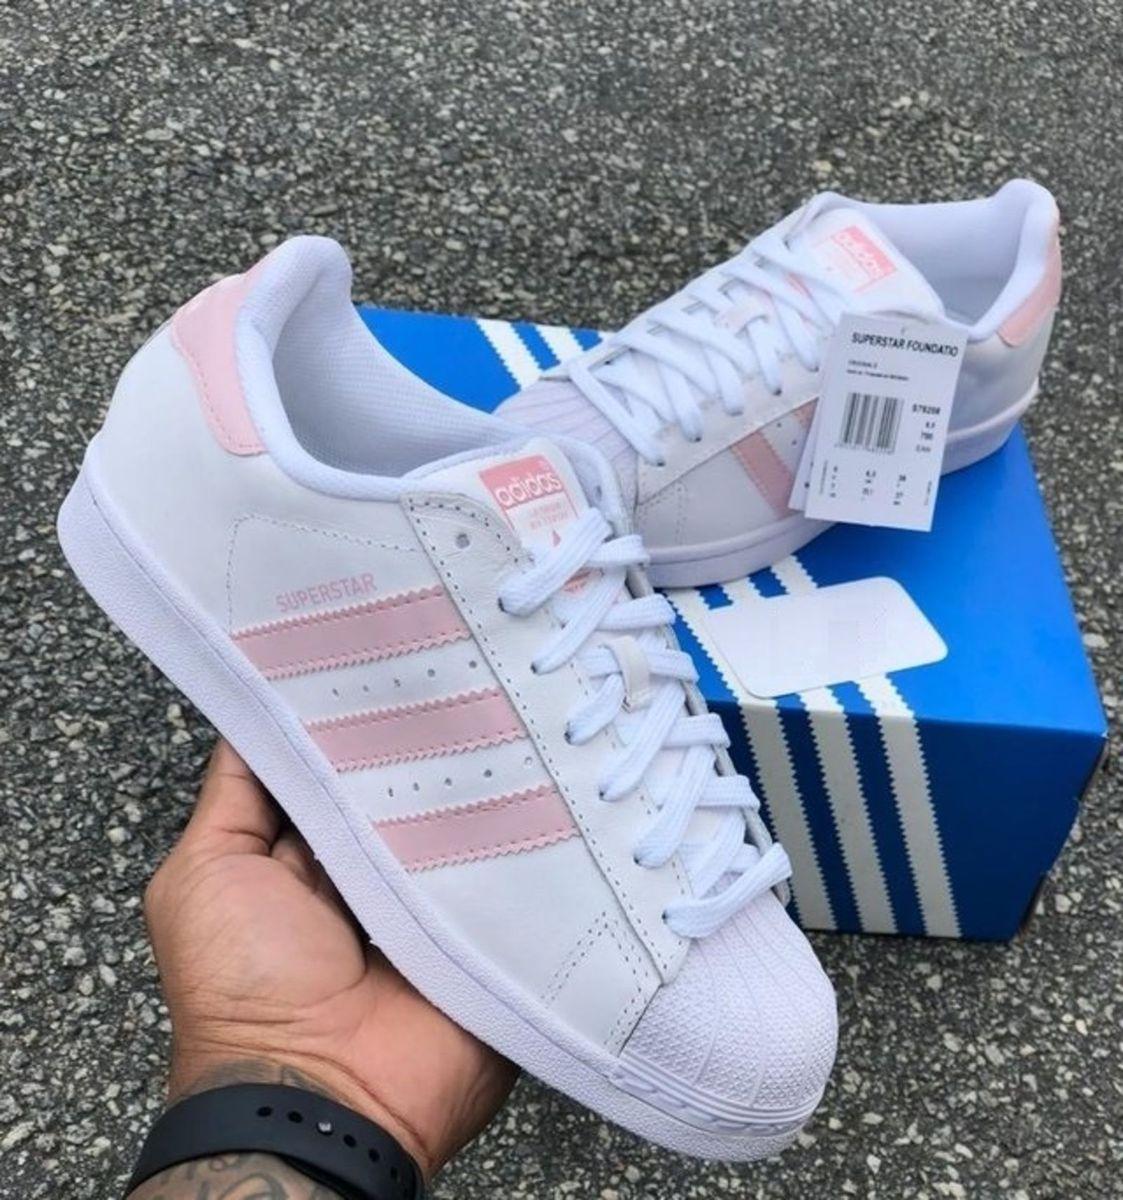 9aeb00256 adidas superstar - branco rosa - tênis adidas.  Czm6ly9wag90b3muzw5qb2vplmnvbs5ici9wcm9kdwn0cy8xmdq4nzy1ny9kyzdkn2zkzme5m2yzmjyzm2yzndgyyjhkyza5y2i1nc5qcgc